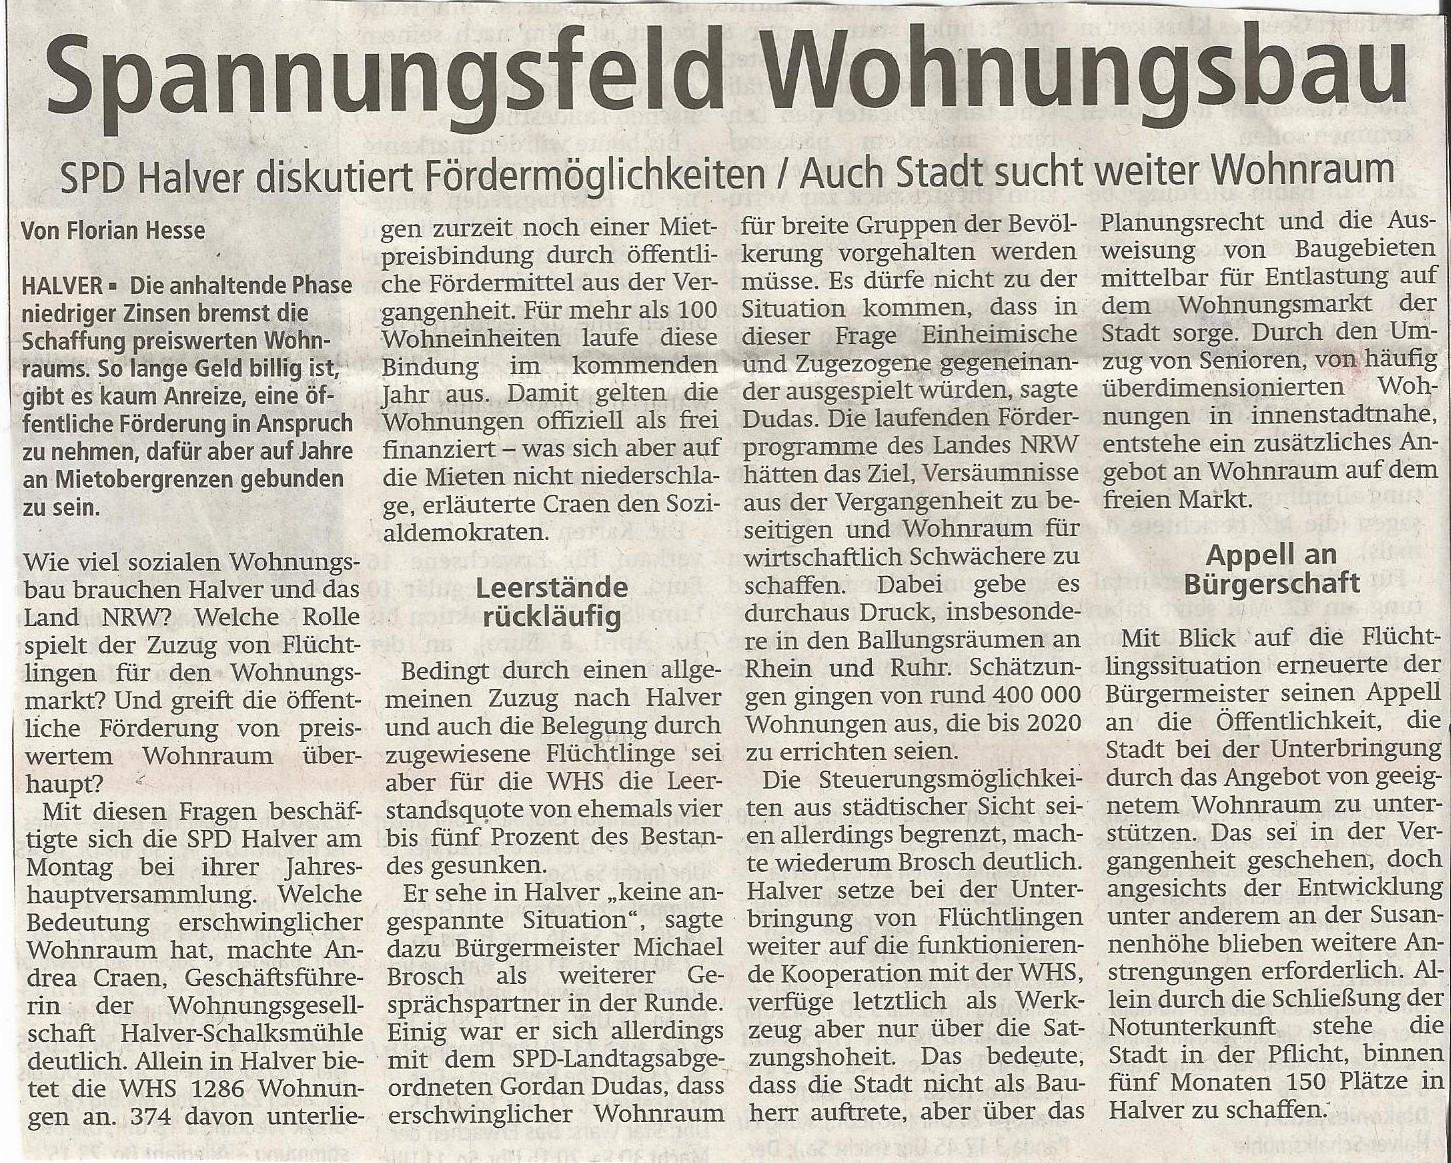 Bericht z.Wohnbau 001